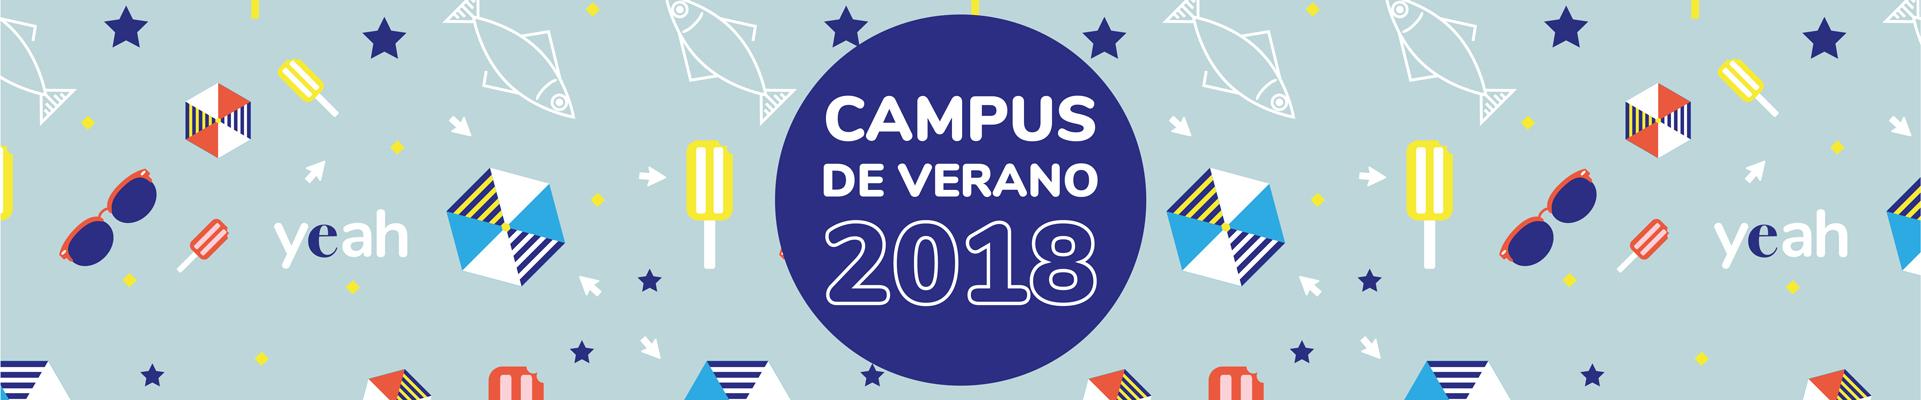 campus_cabecera_400px